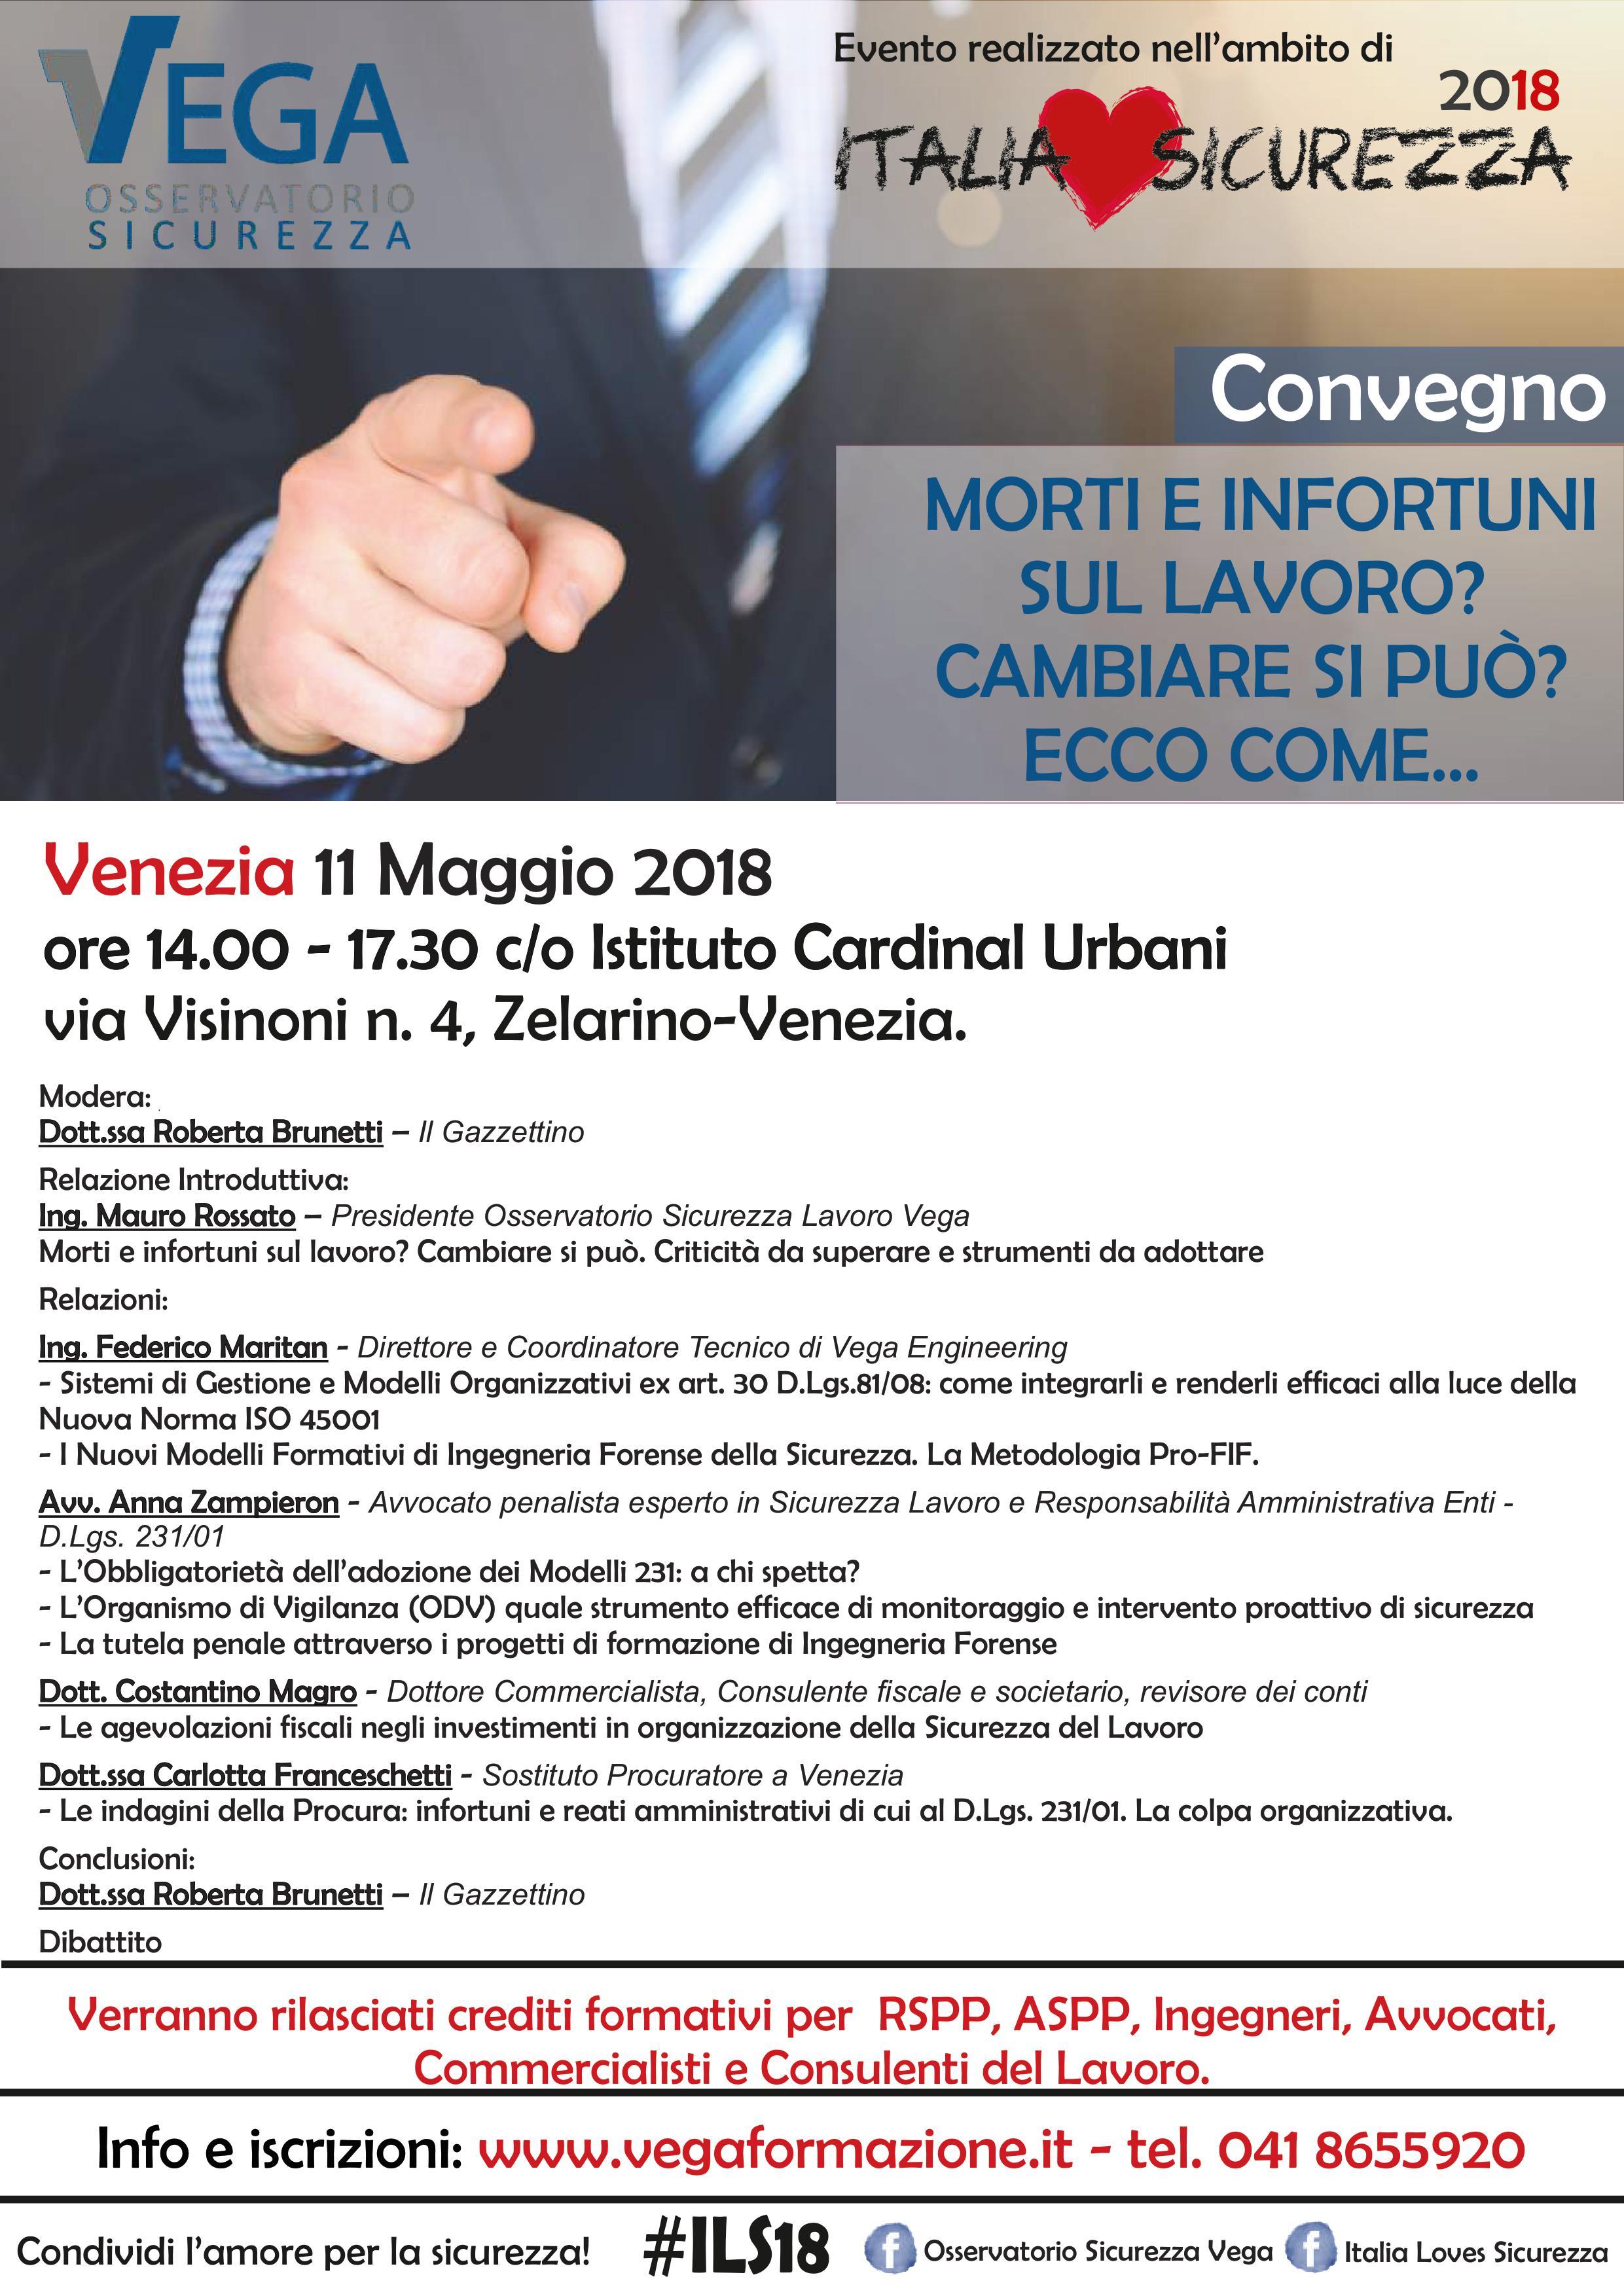 http://www.fondlhs.org/wp-content/uploads/2018/04/Locandina-Convegno-11-05-A4-ILS18.jpg